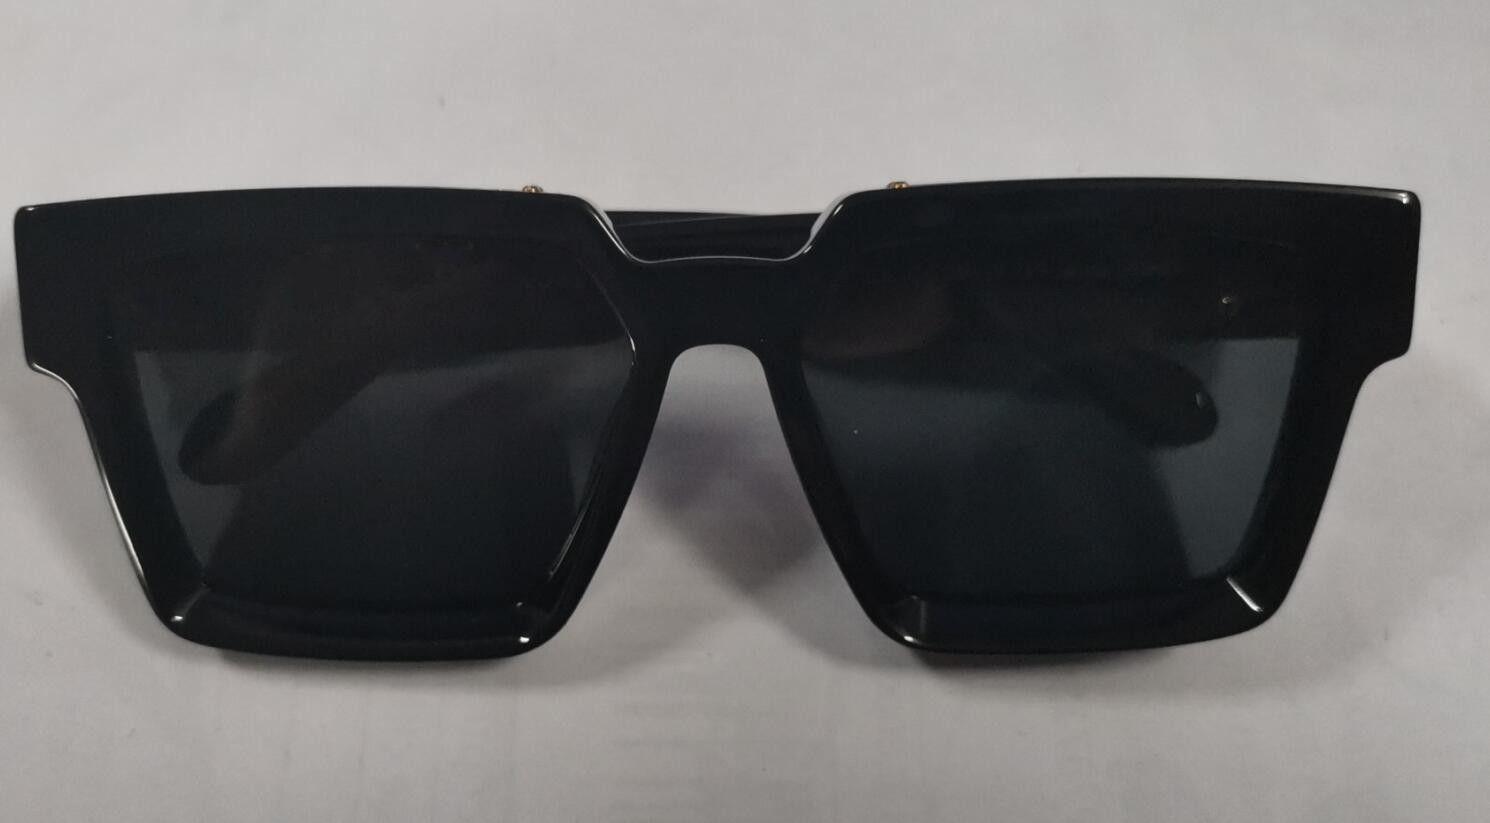 Dernière vente Populaire mode 1165 femmes lunettes de soleil hommes lunettes de soleil hommes lunettes de soleil Gafas de sol de haute qualité lunettes de soleil UV400 lentille